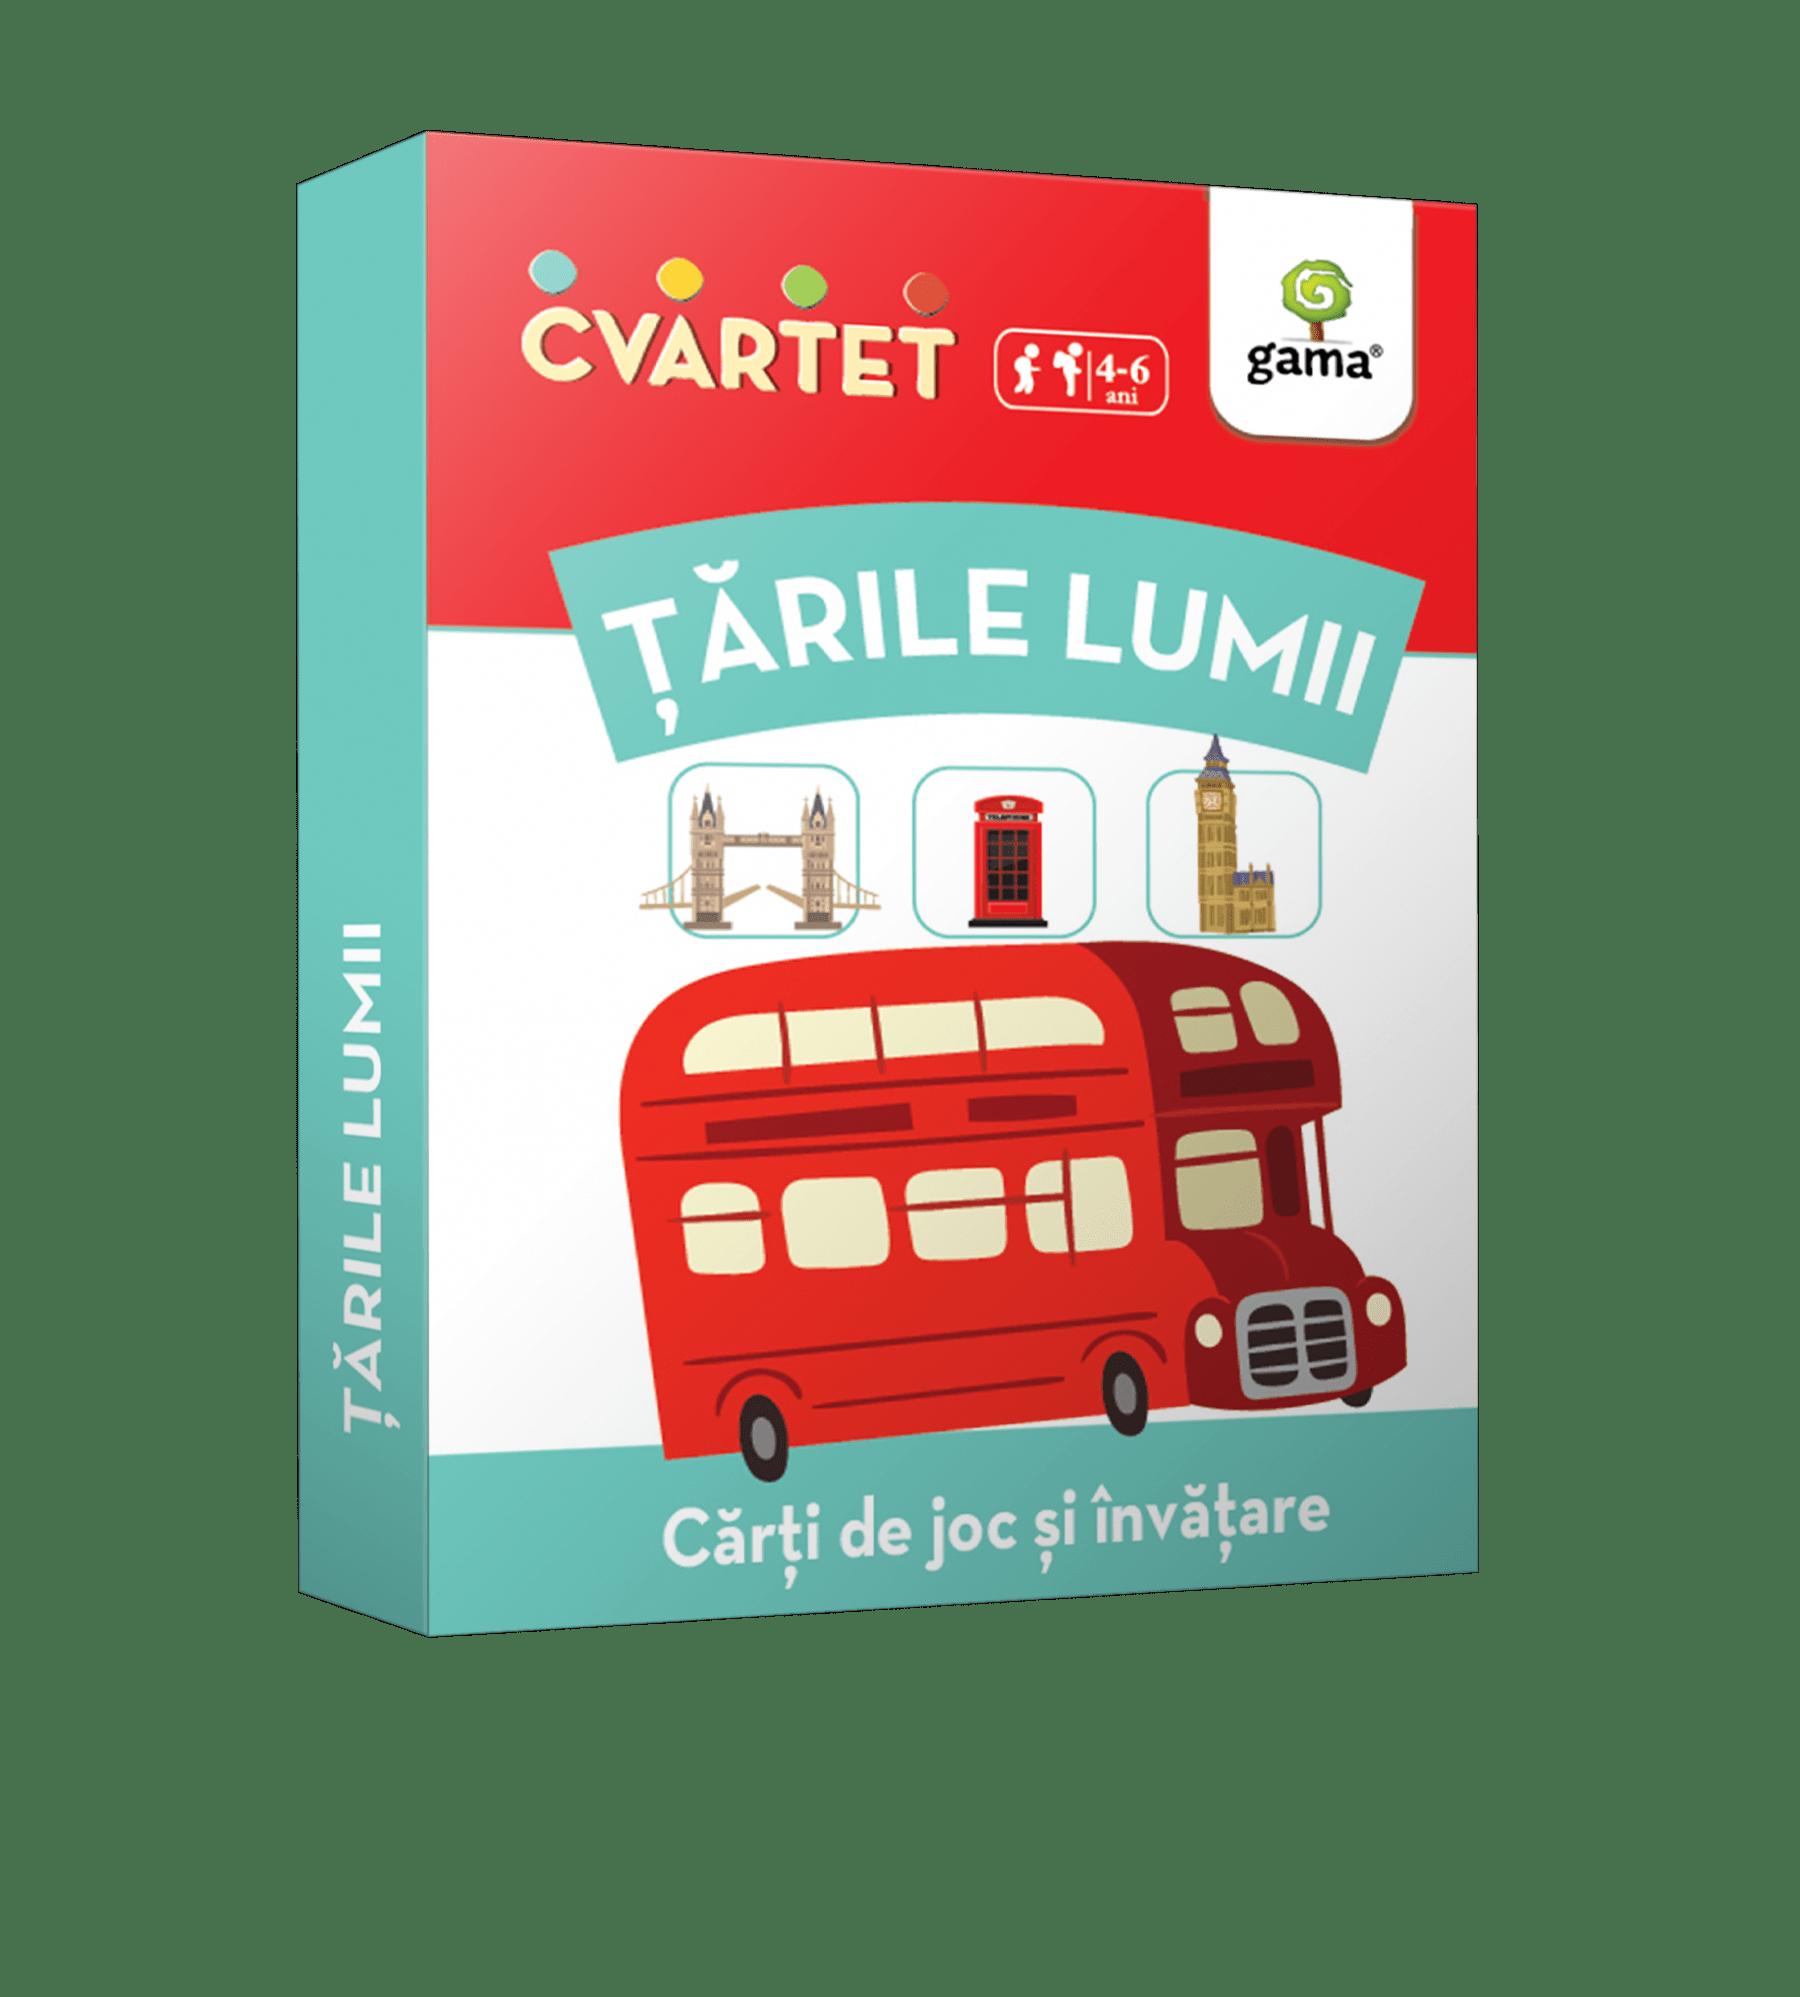 cutie_tarile_lumii_cvartet